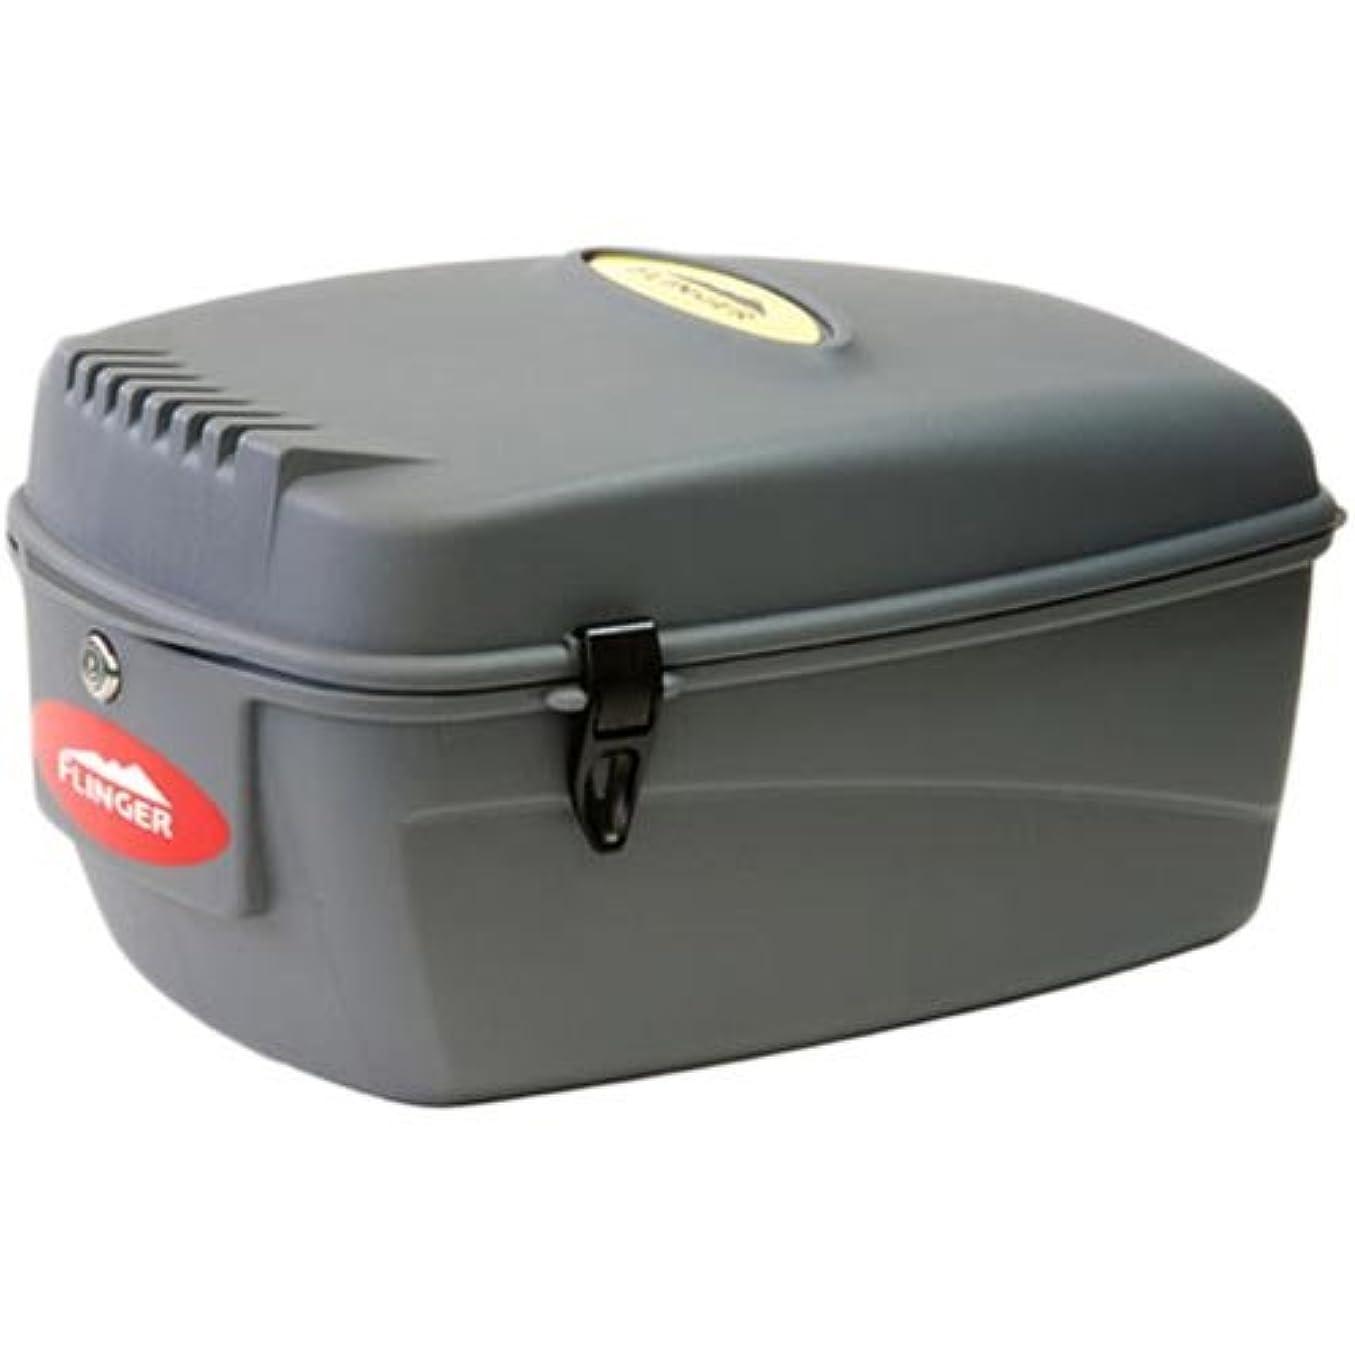 飢迷惑甘やかすフィンガー 樹脂製リアボックス SW-906A グレー